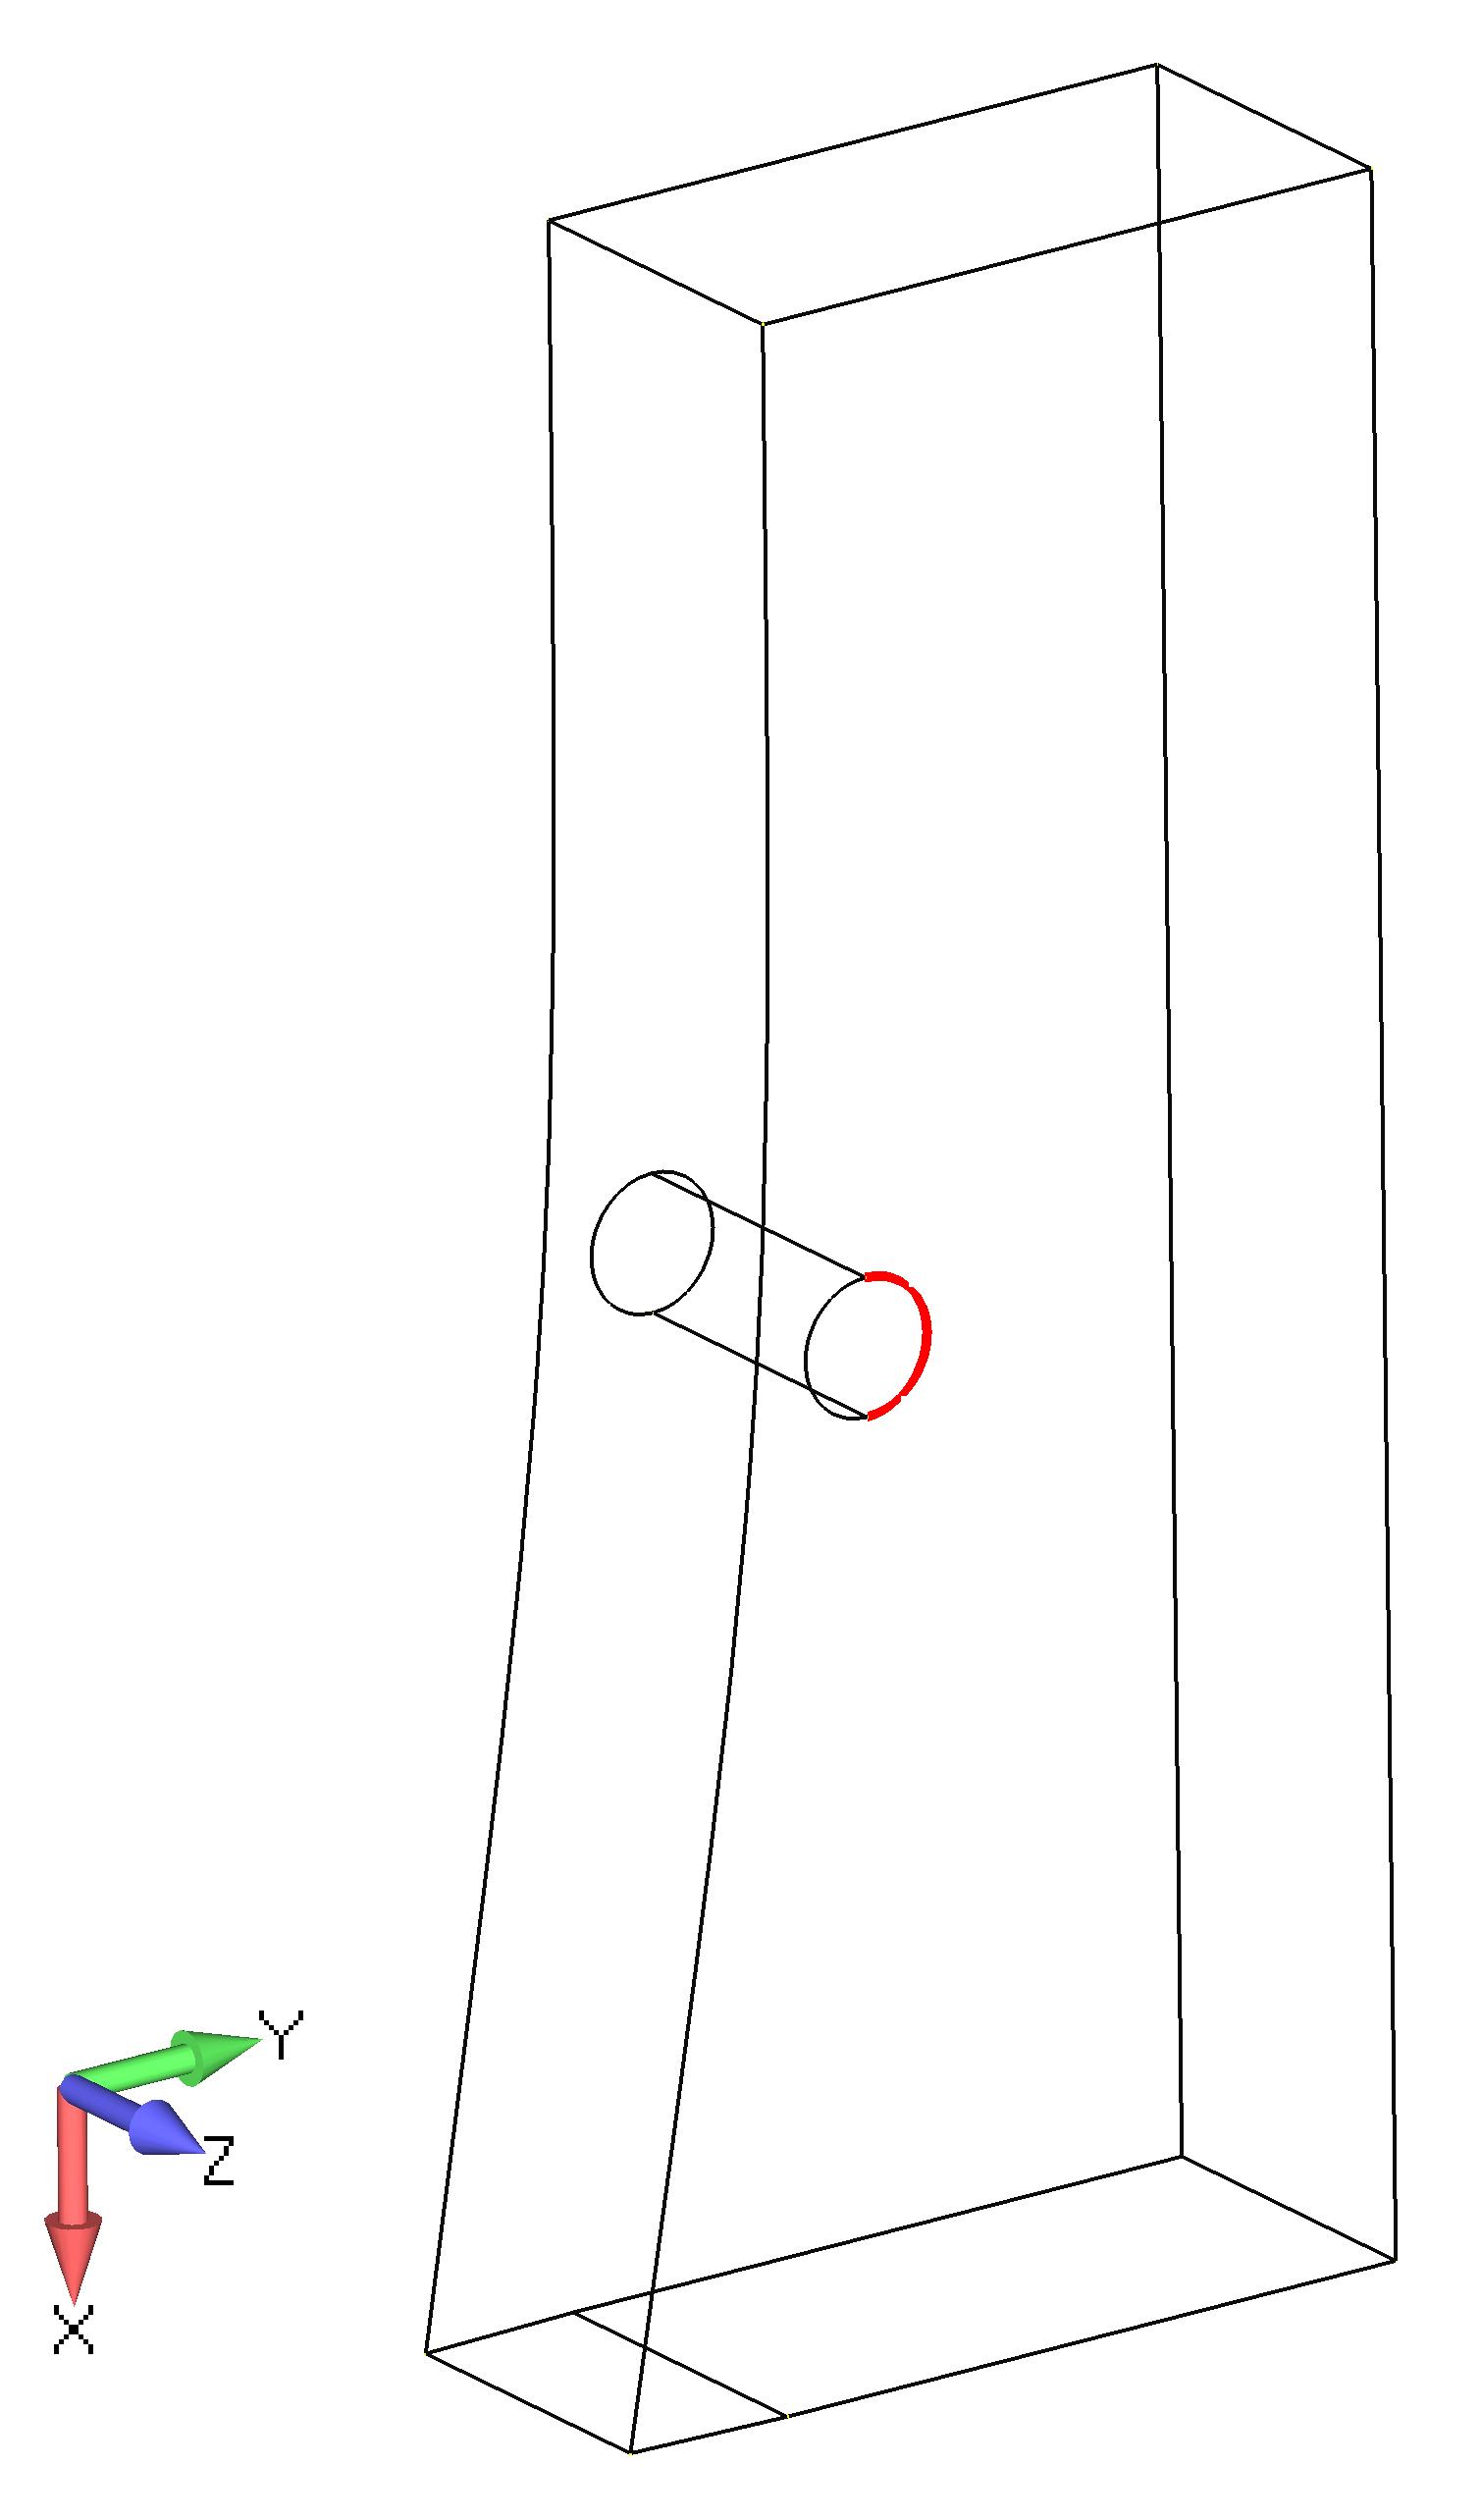 Femap NX Nastran Подавление компонентов и особенностей геометрии